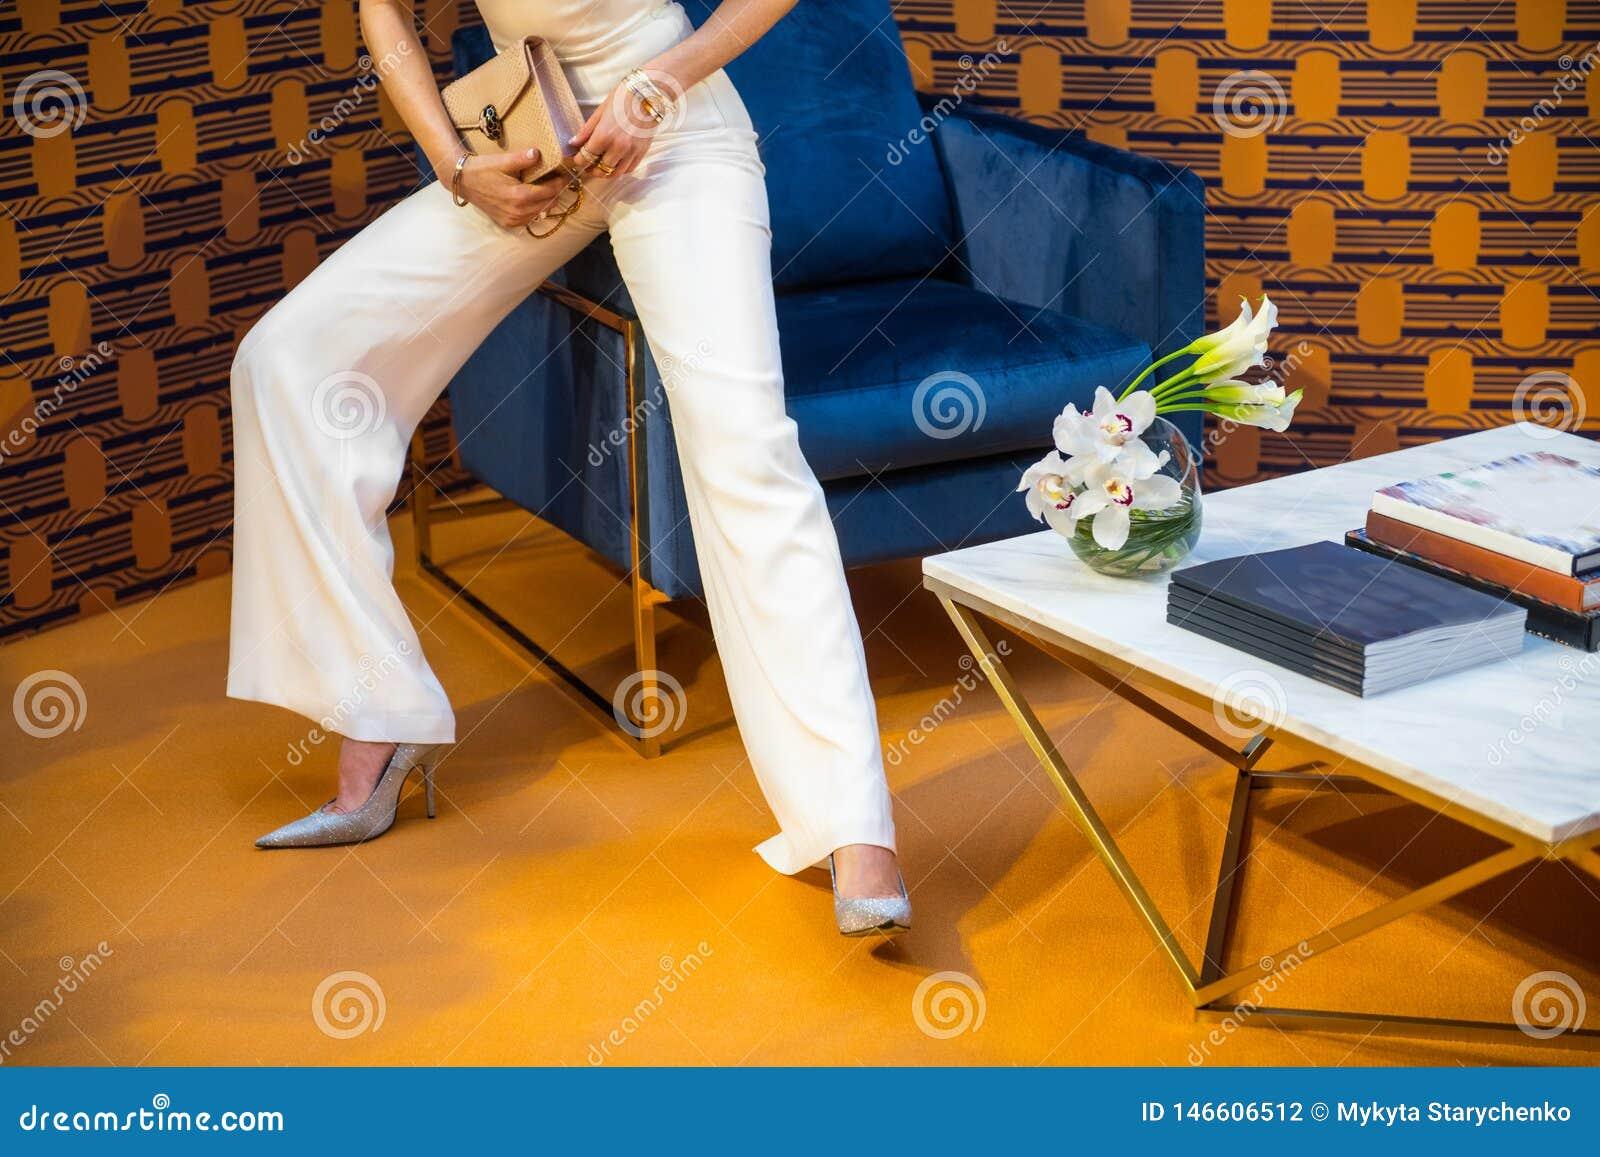 Брюки модели высокой моды нося белые и серебряные высокие пятки держа сумку с ювелирными изделиями